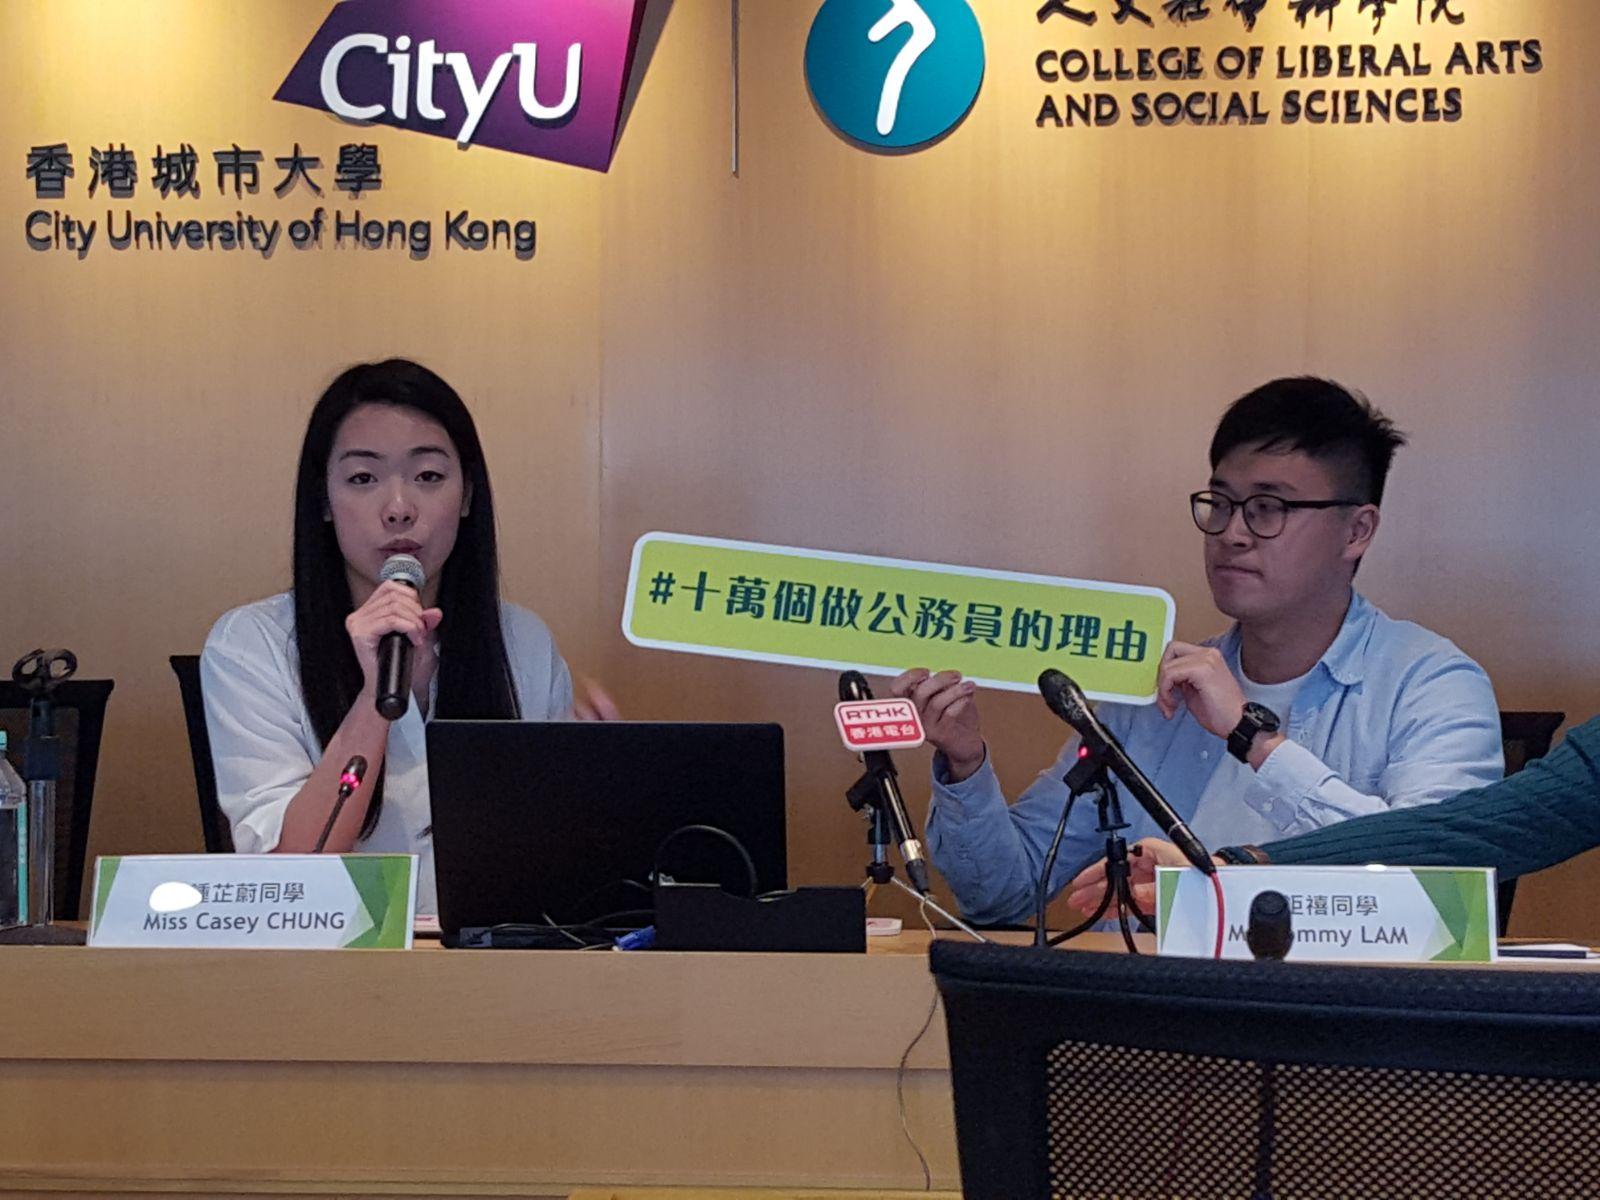 城大媒體及傳播二年級同學鍾芷蔚(左)指, 希望日後成為公務員,因為人工待遇相對優厚。